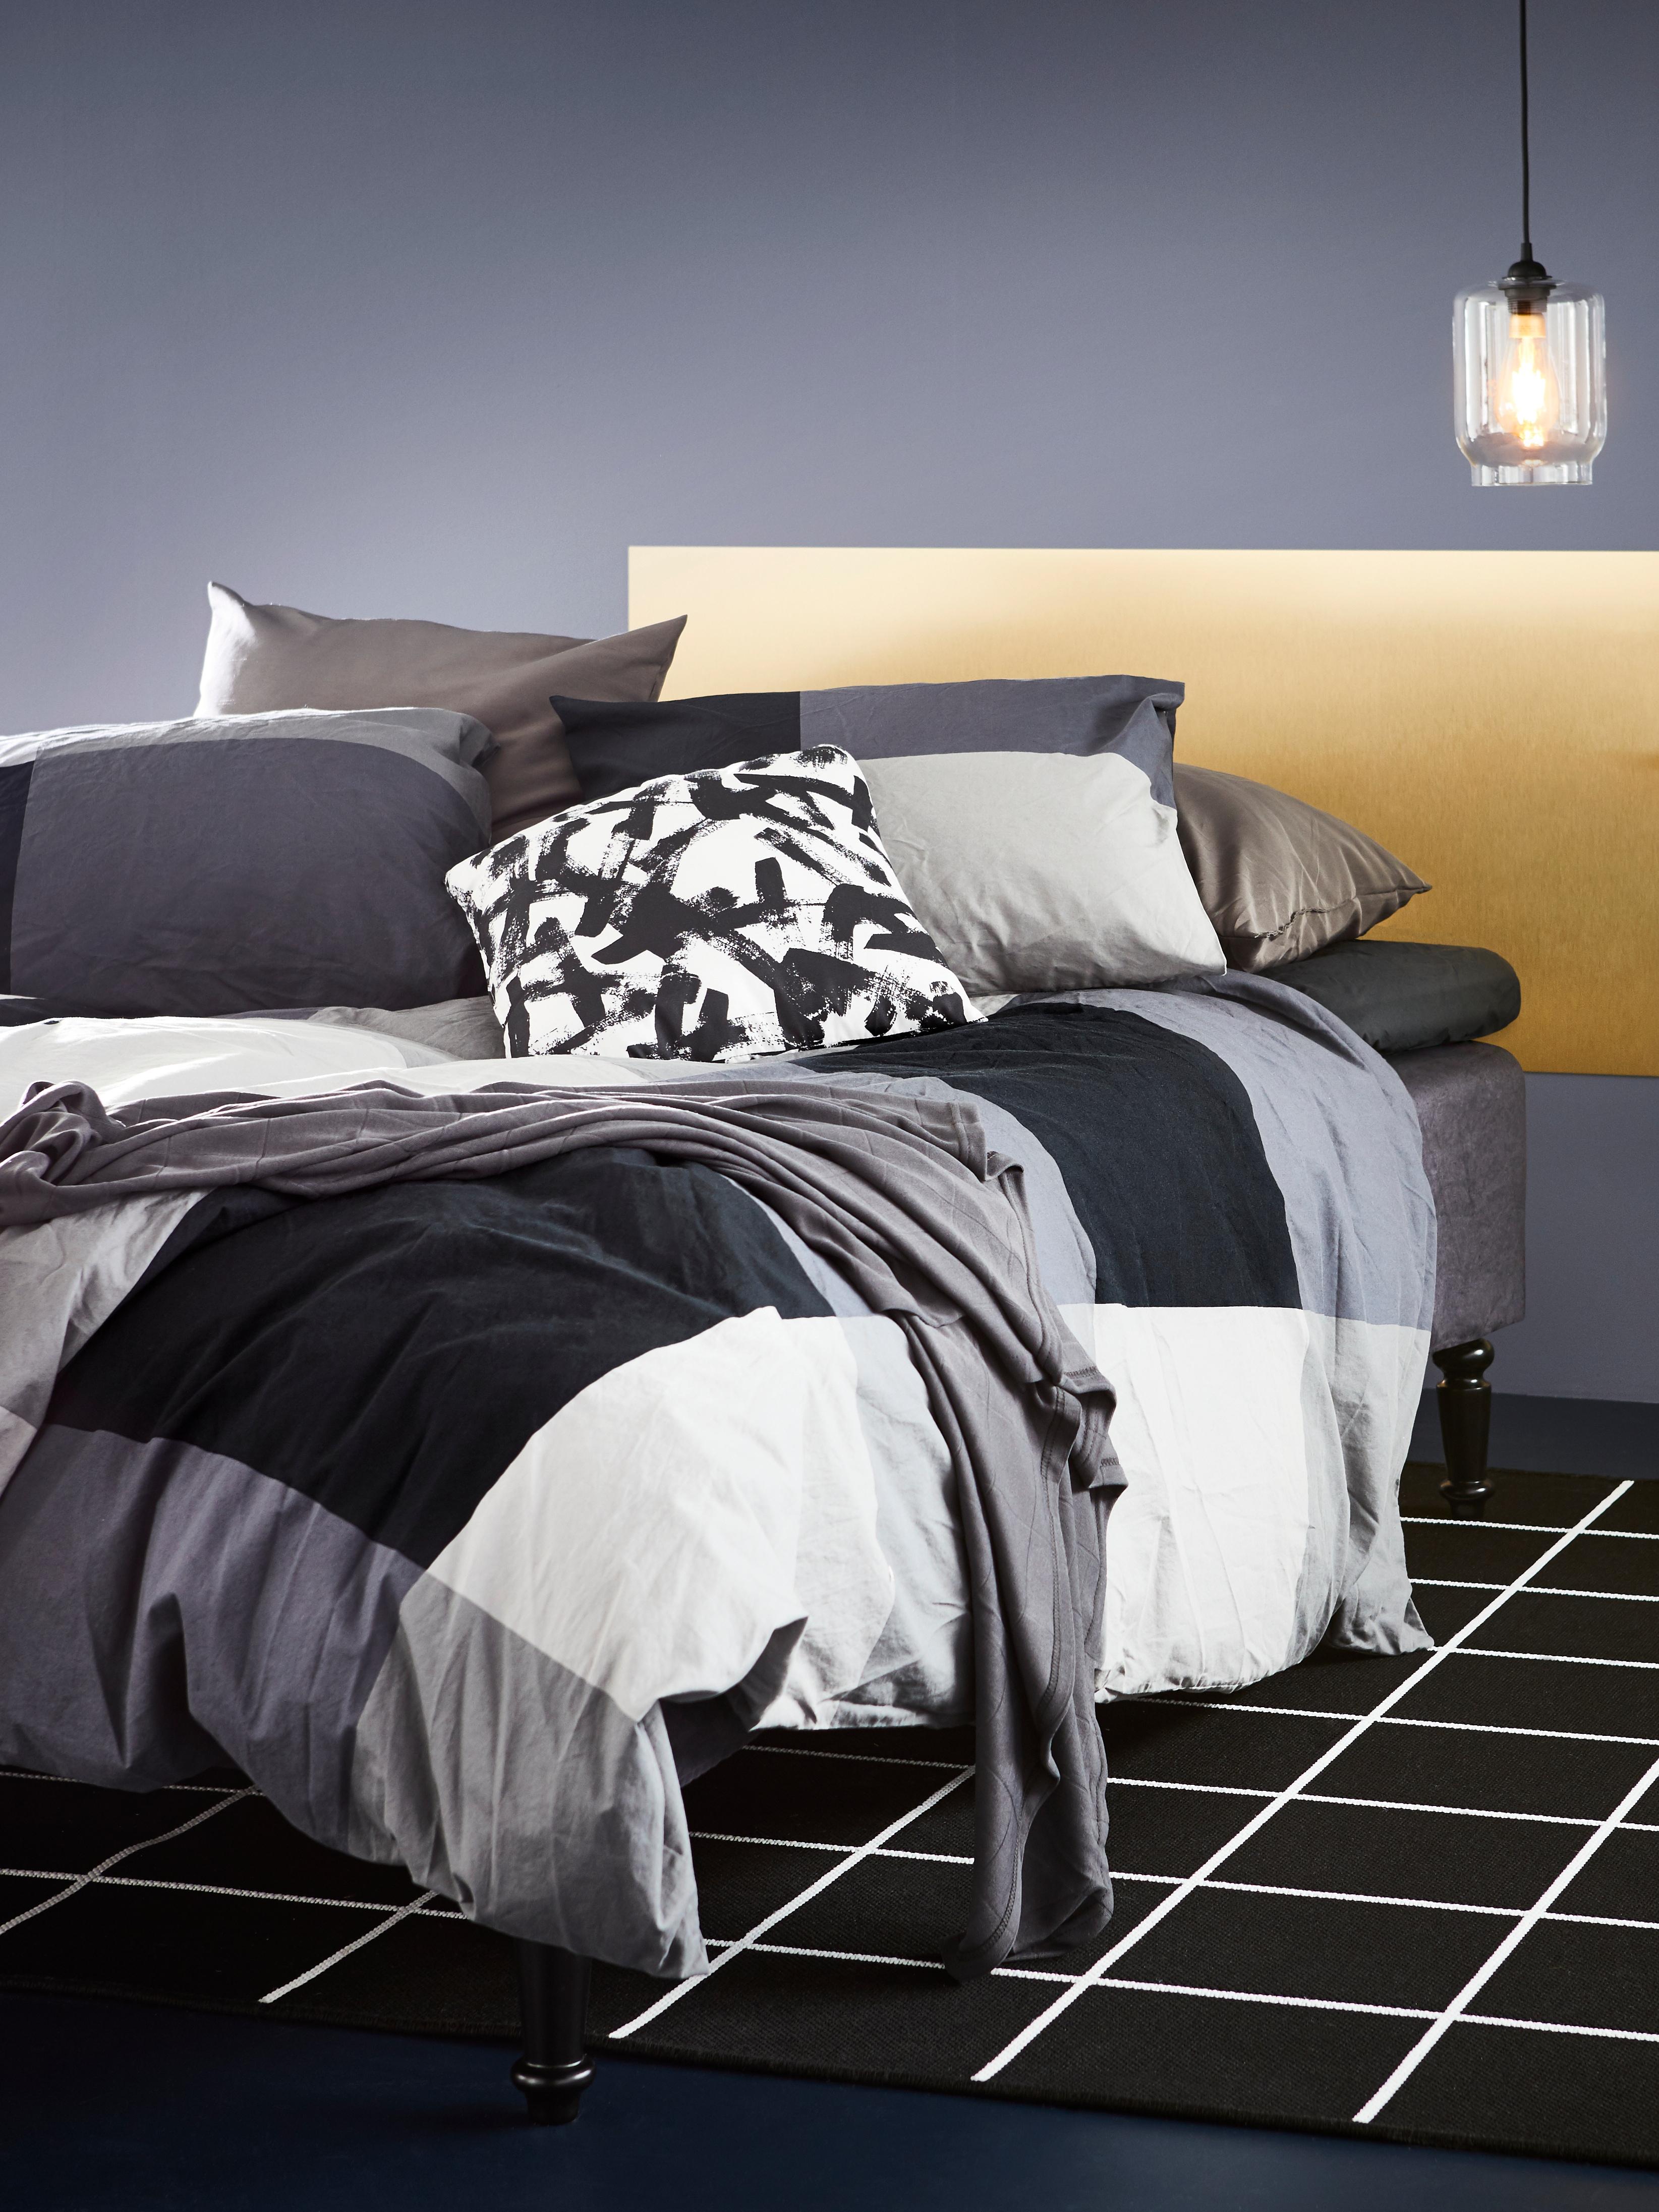 Krevet prekriven posteljinom kariranog uzorka crne, bijele i sive boje uz nekoliko jastuka istog uzorka.